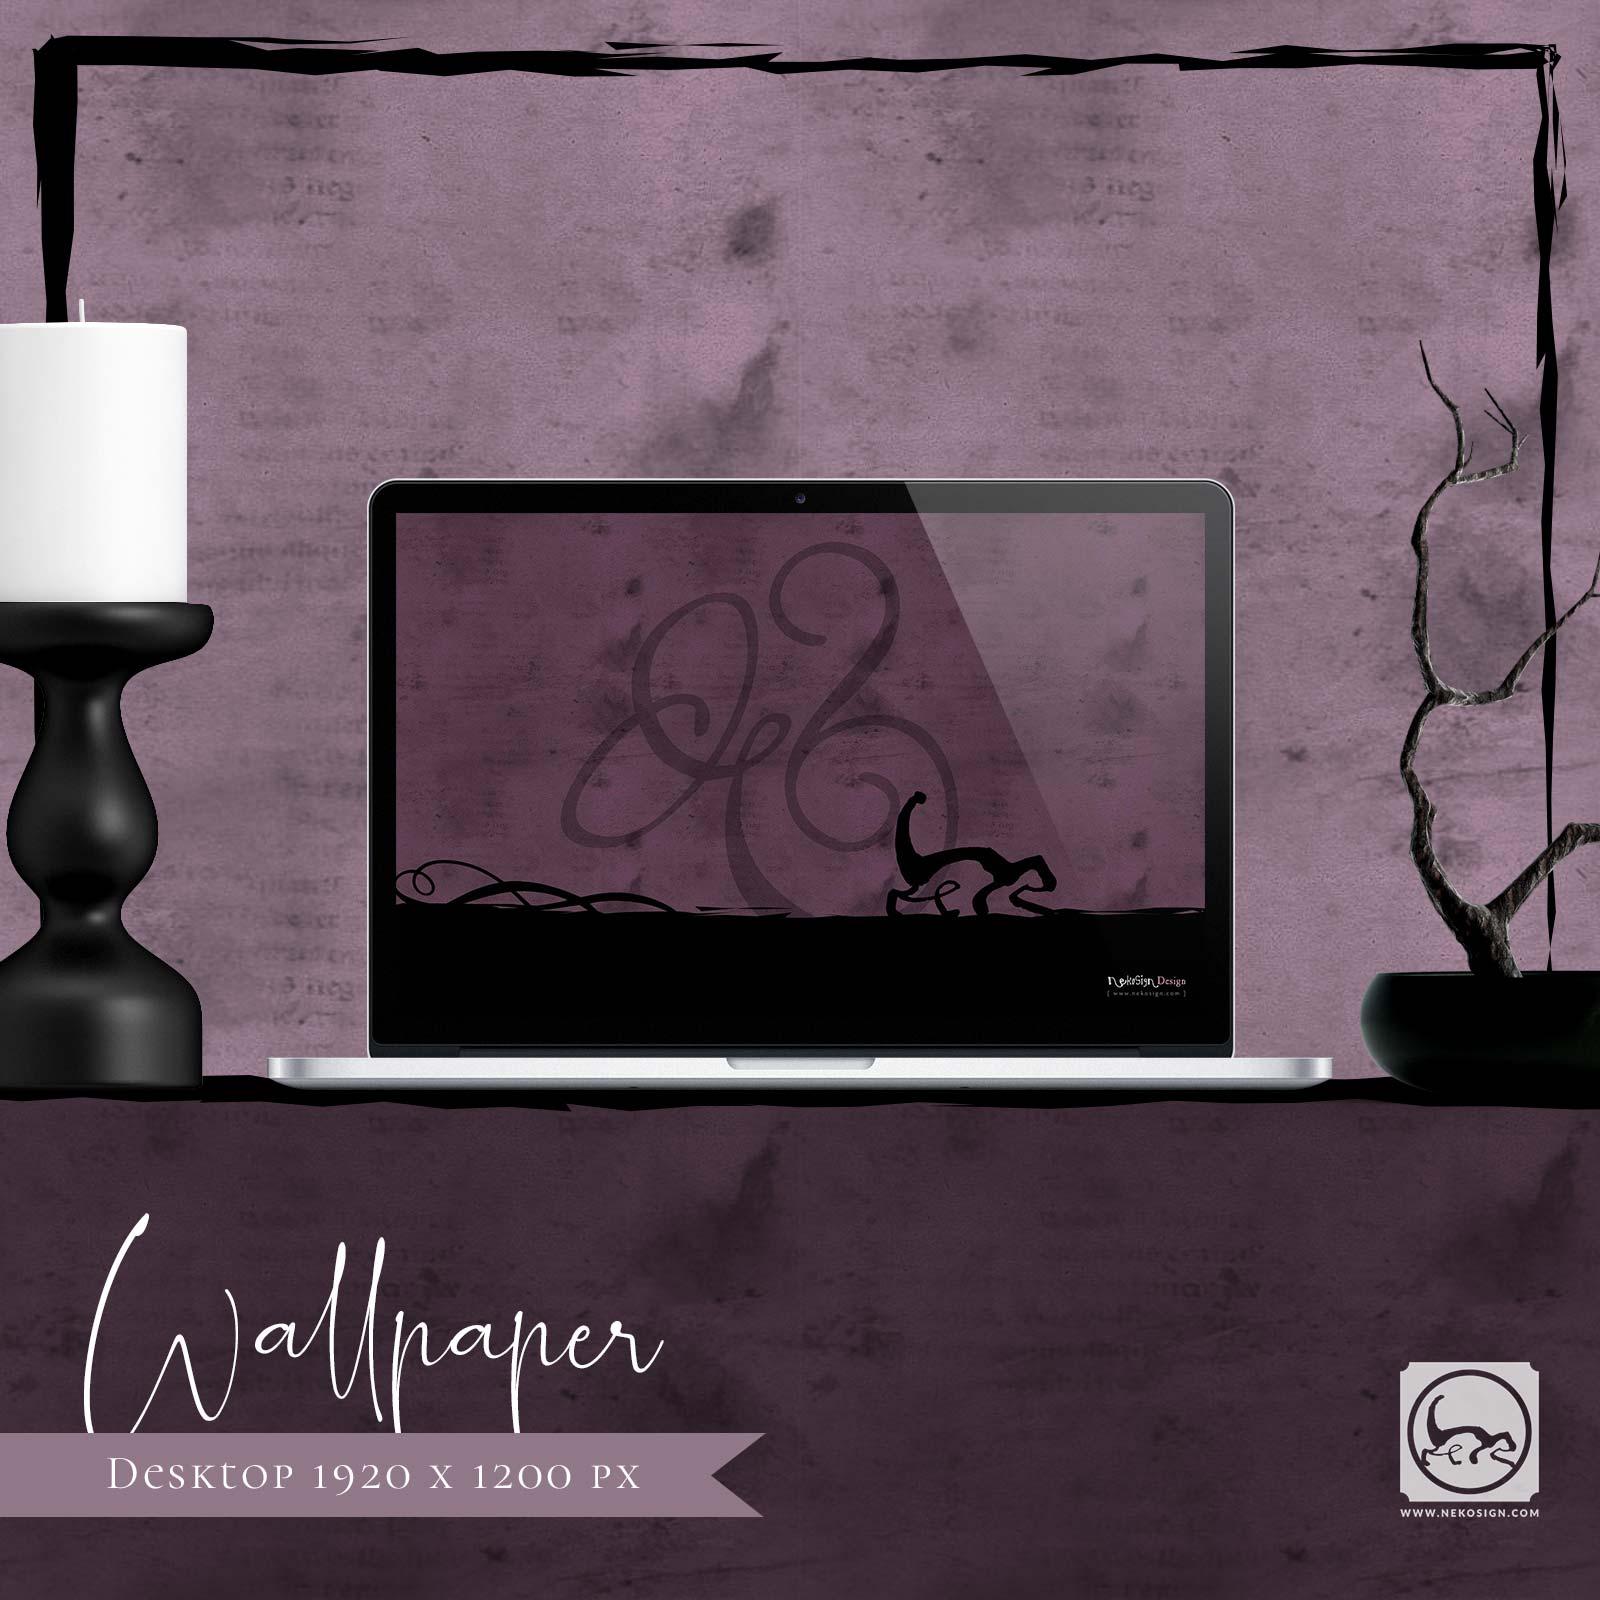 Wallpaper Nekosign 2009 Ampersand Desktop